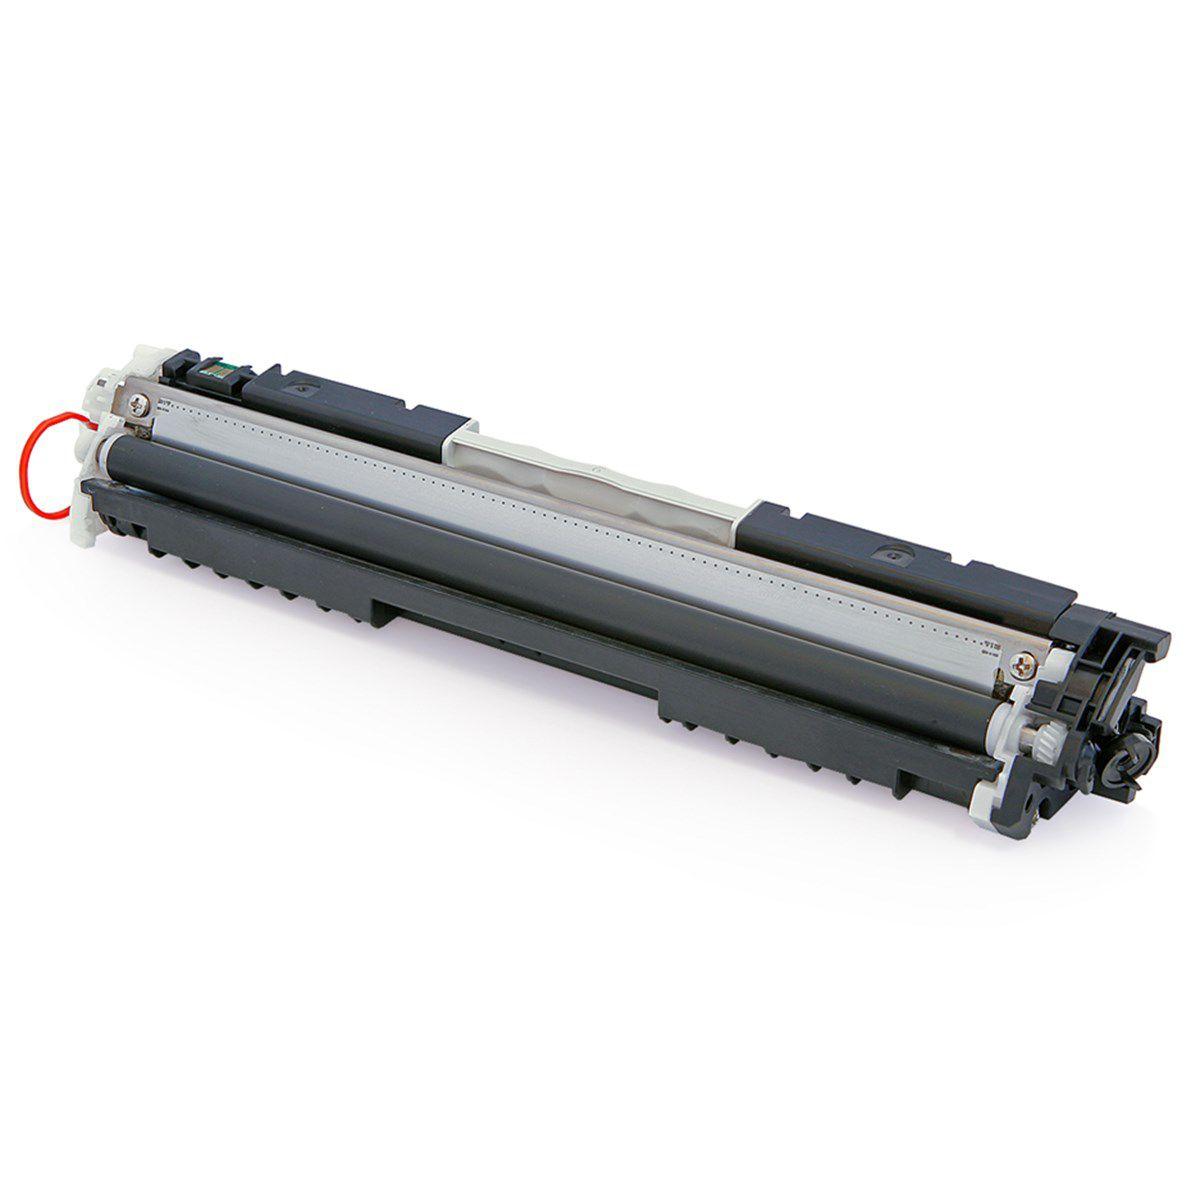 TONER COMPATIVEL HP 1025/310 126A BLACK - IMPORTADO